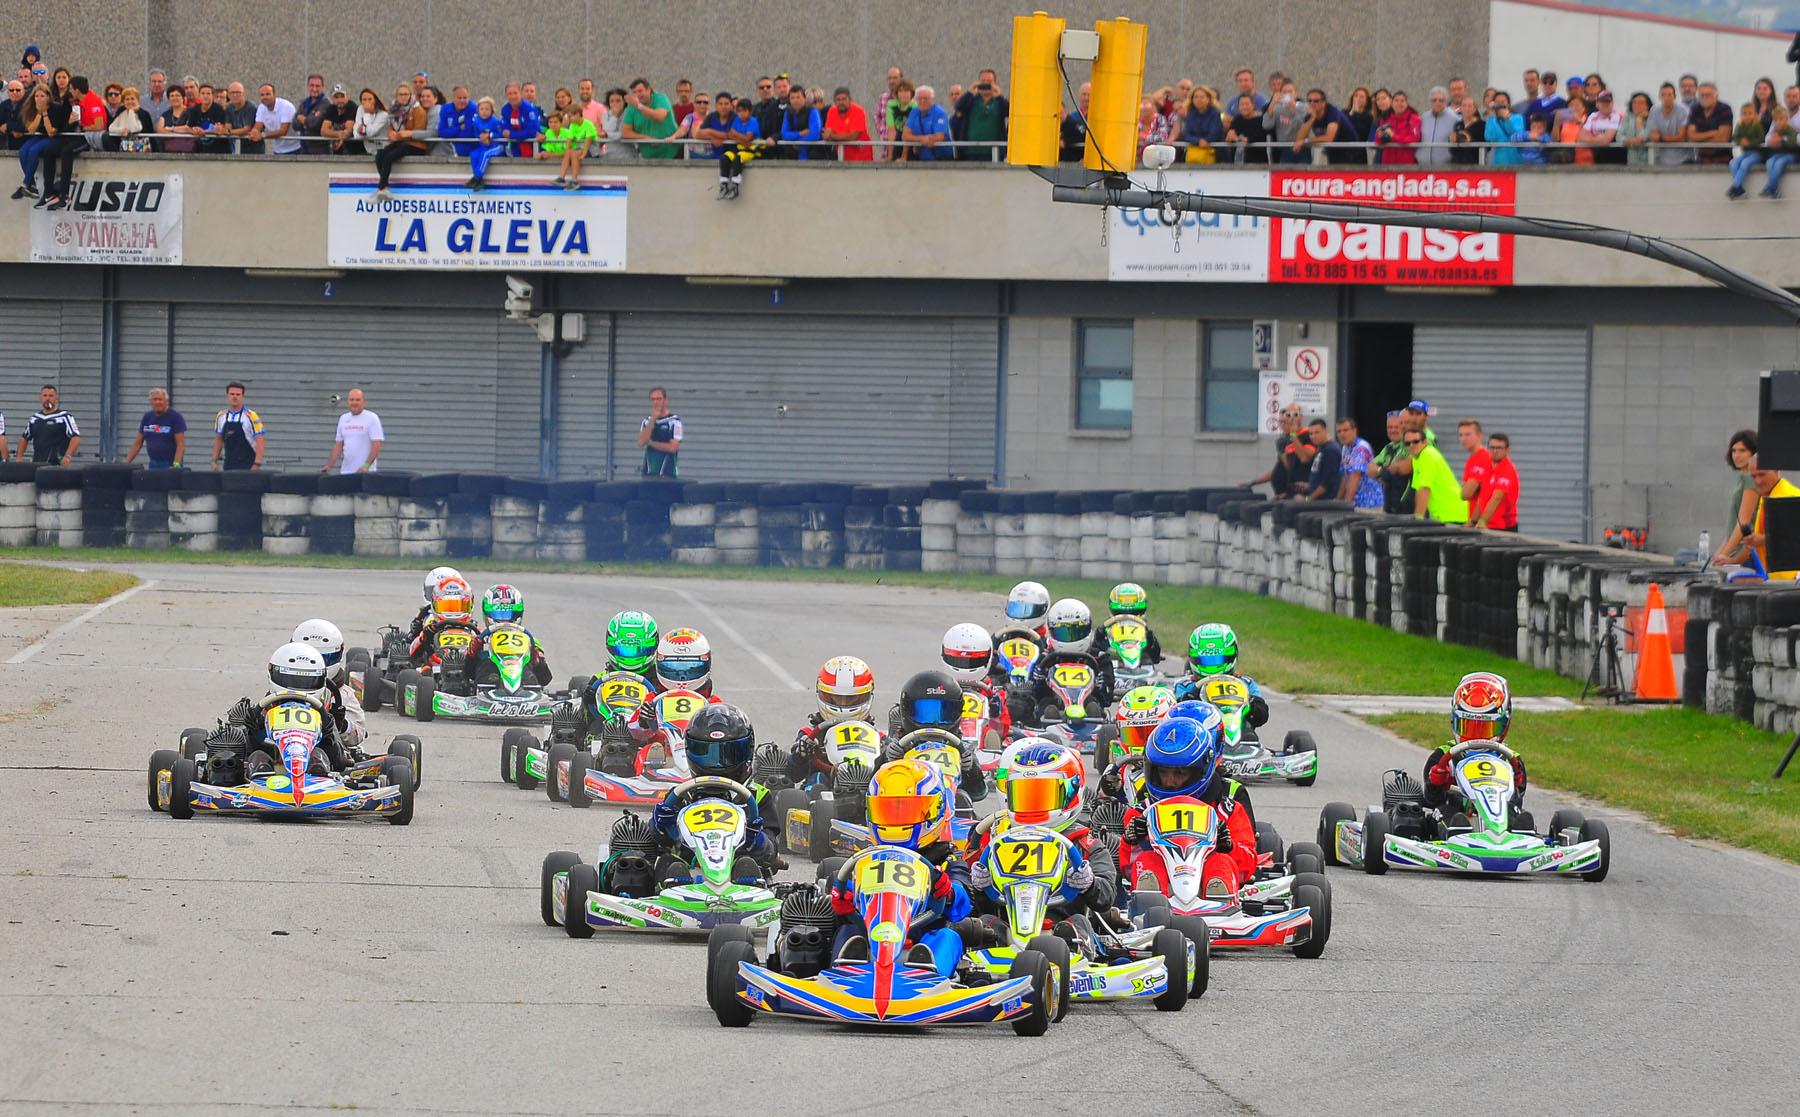 El Campionat de Catalunya celebró su penúltima reunión en el Circuit d'Osona